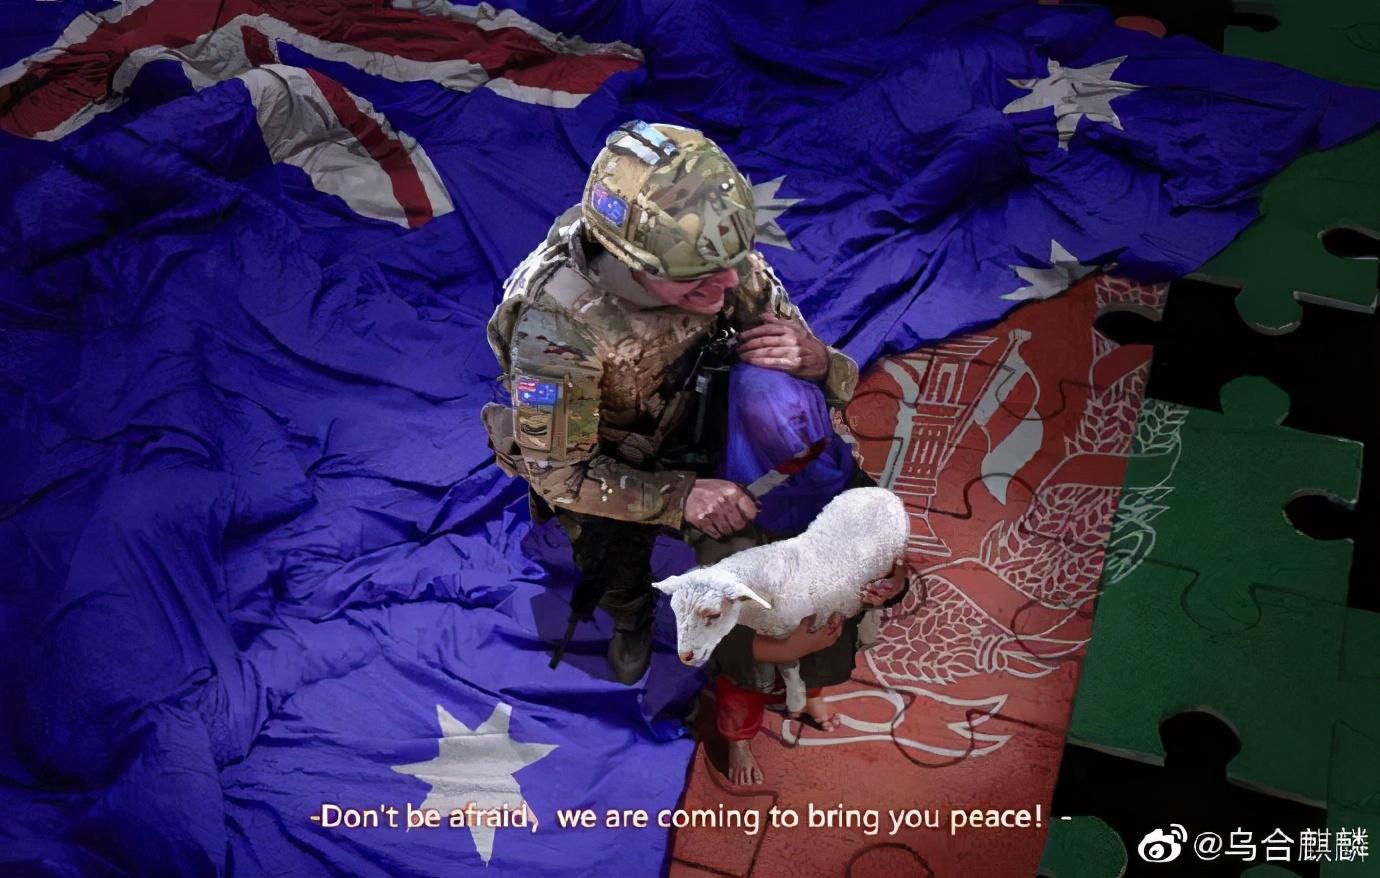 澳大利亚特种兵在阿富汗——别怕,我们带来了和平